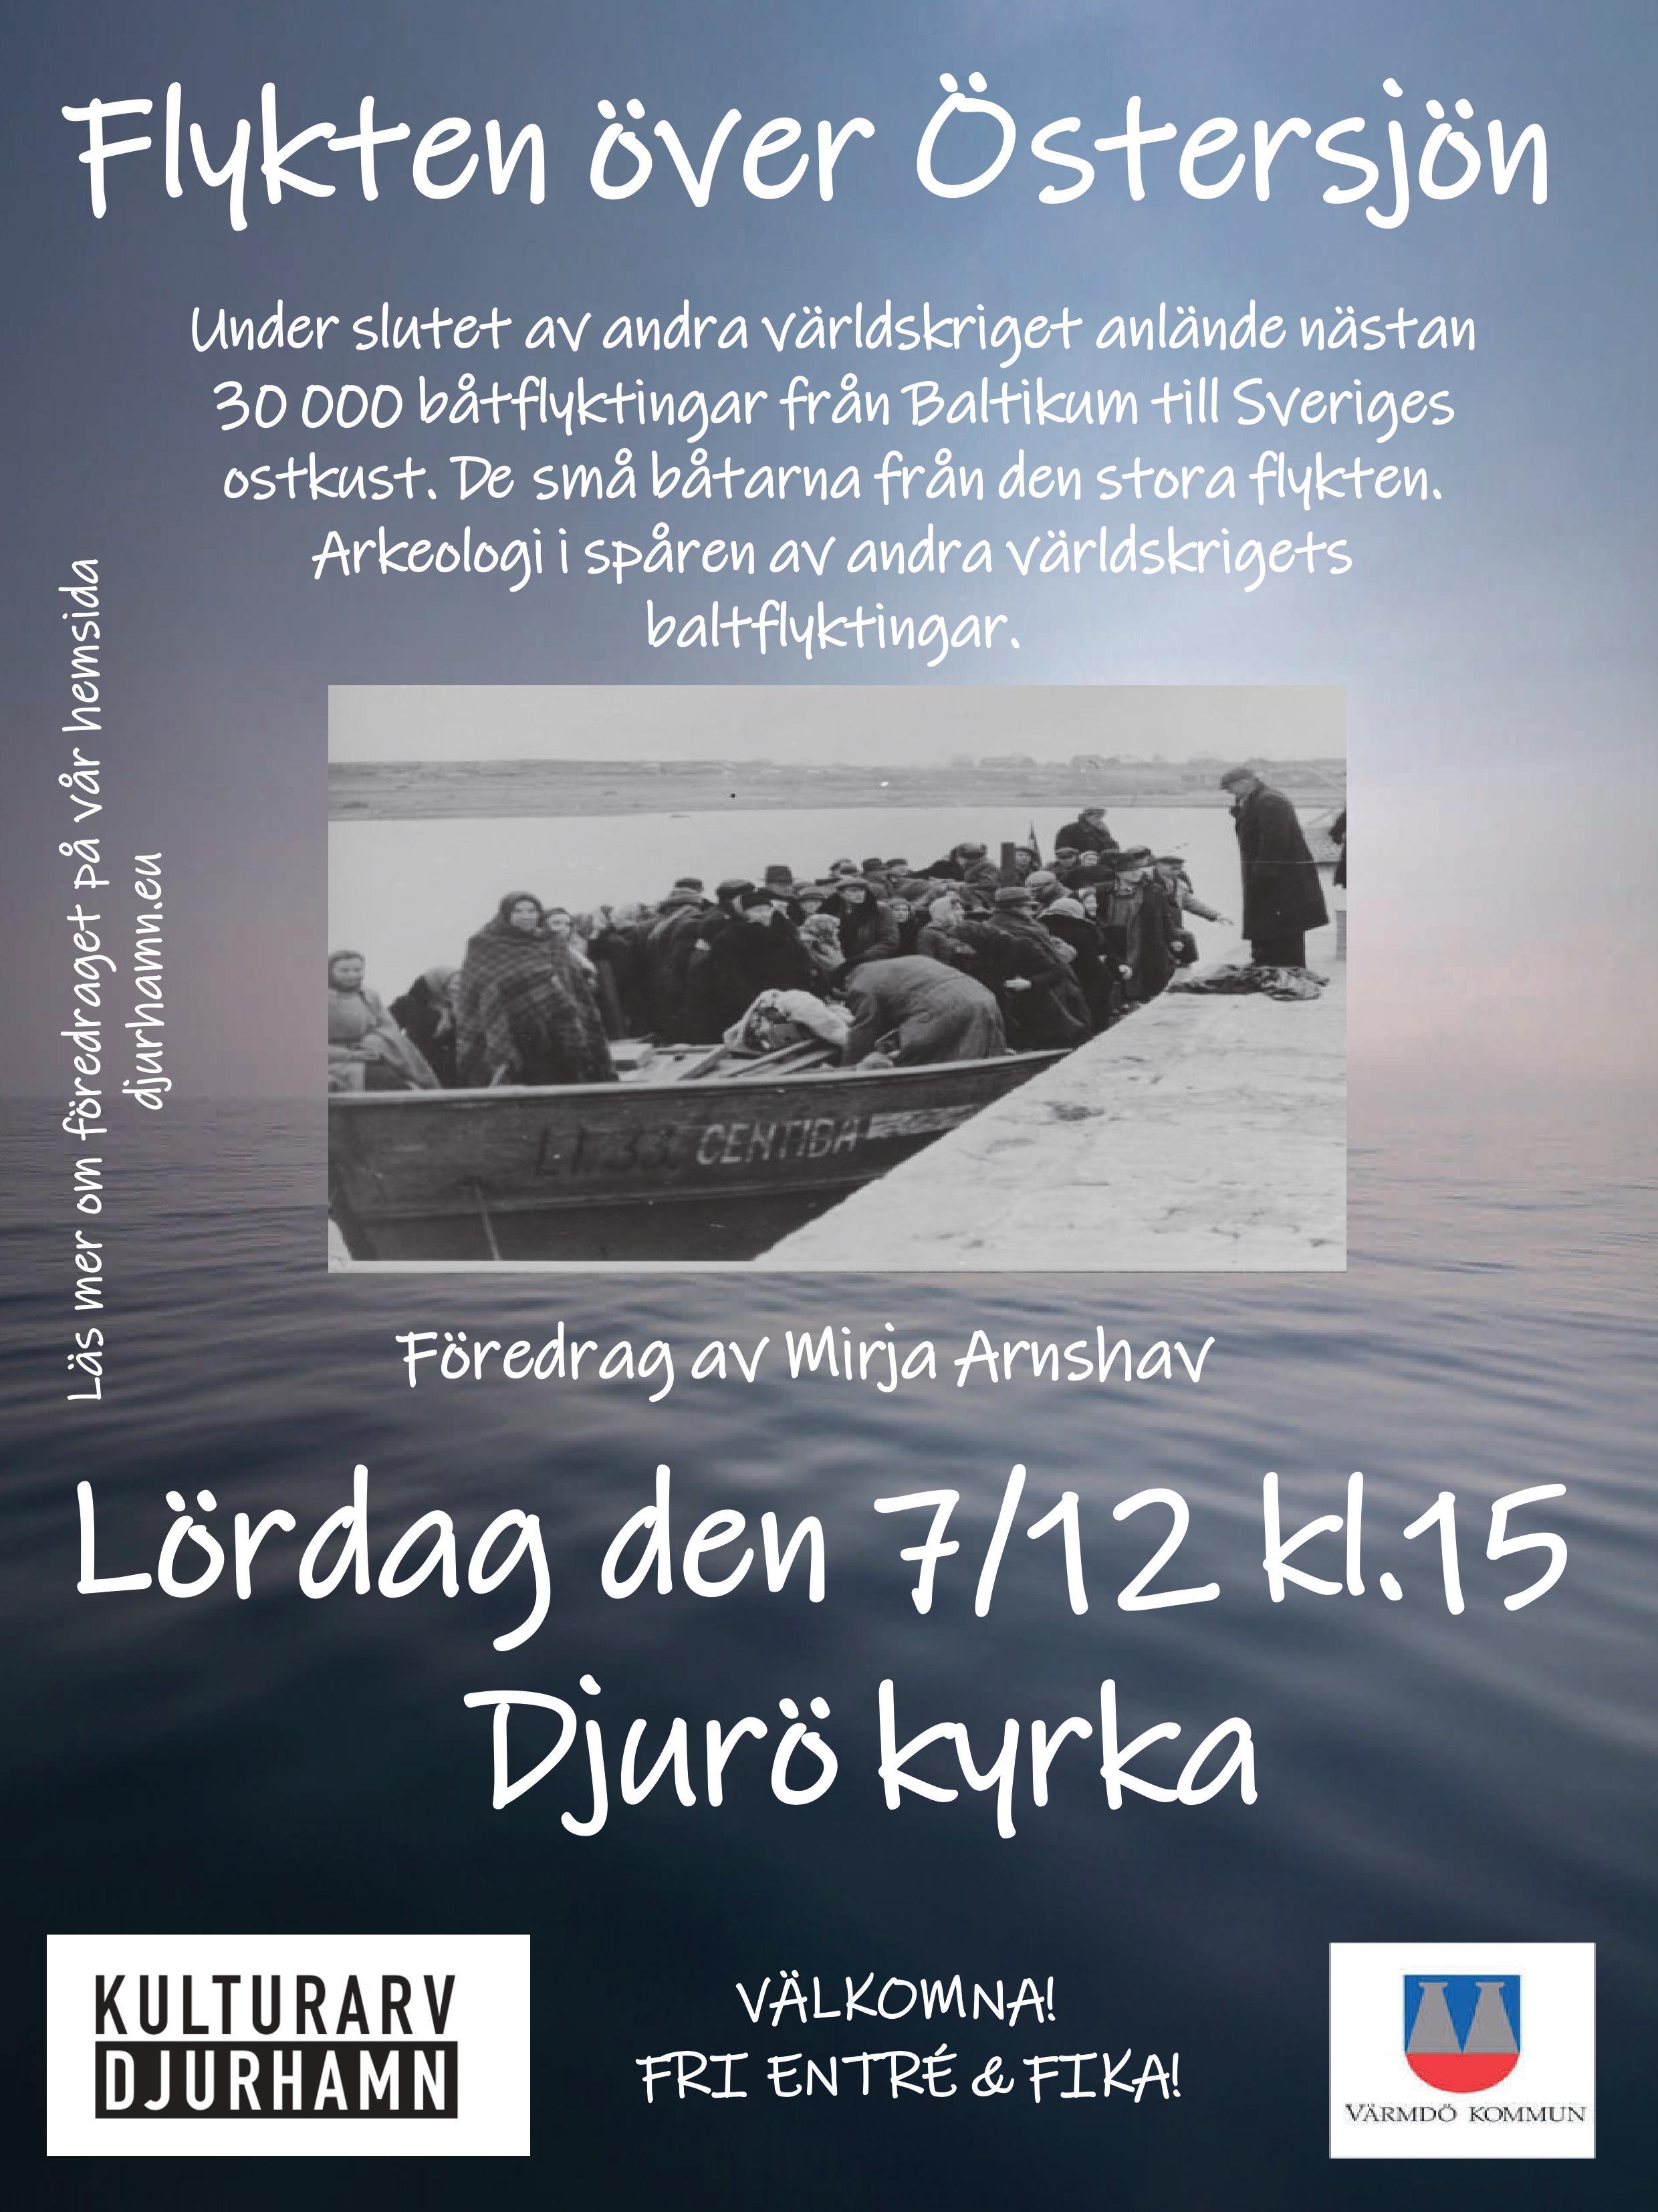 """Välkomna på föredraget """"Flykten över Östersjön"""". Fri entré och fika."""